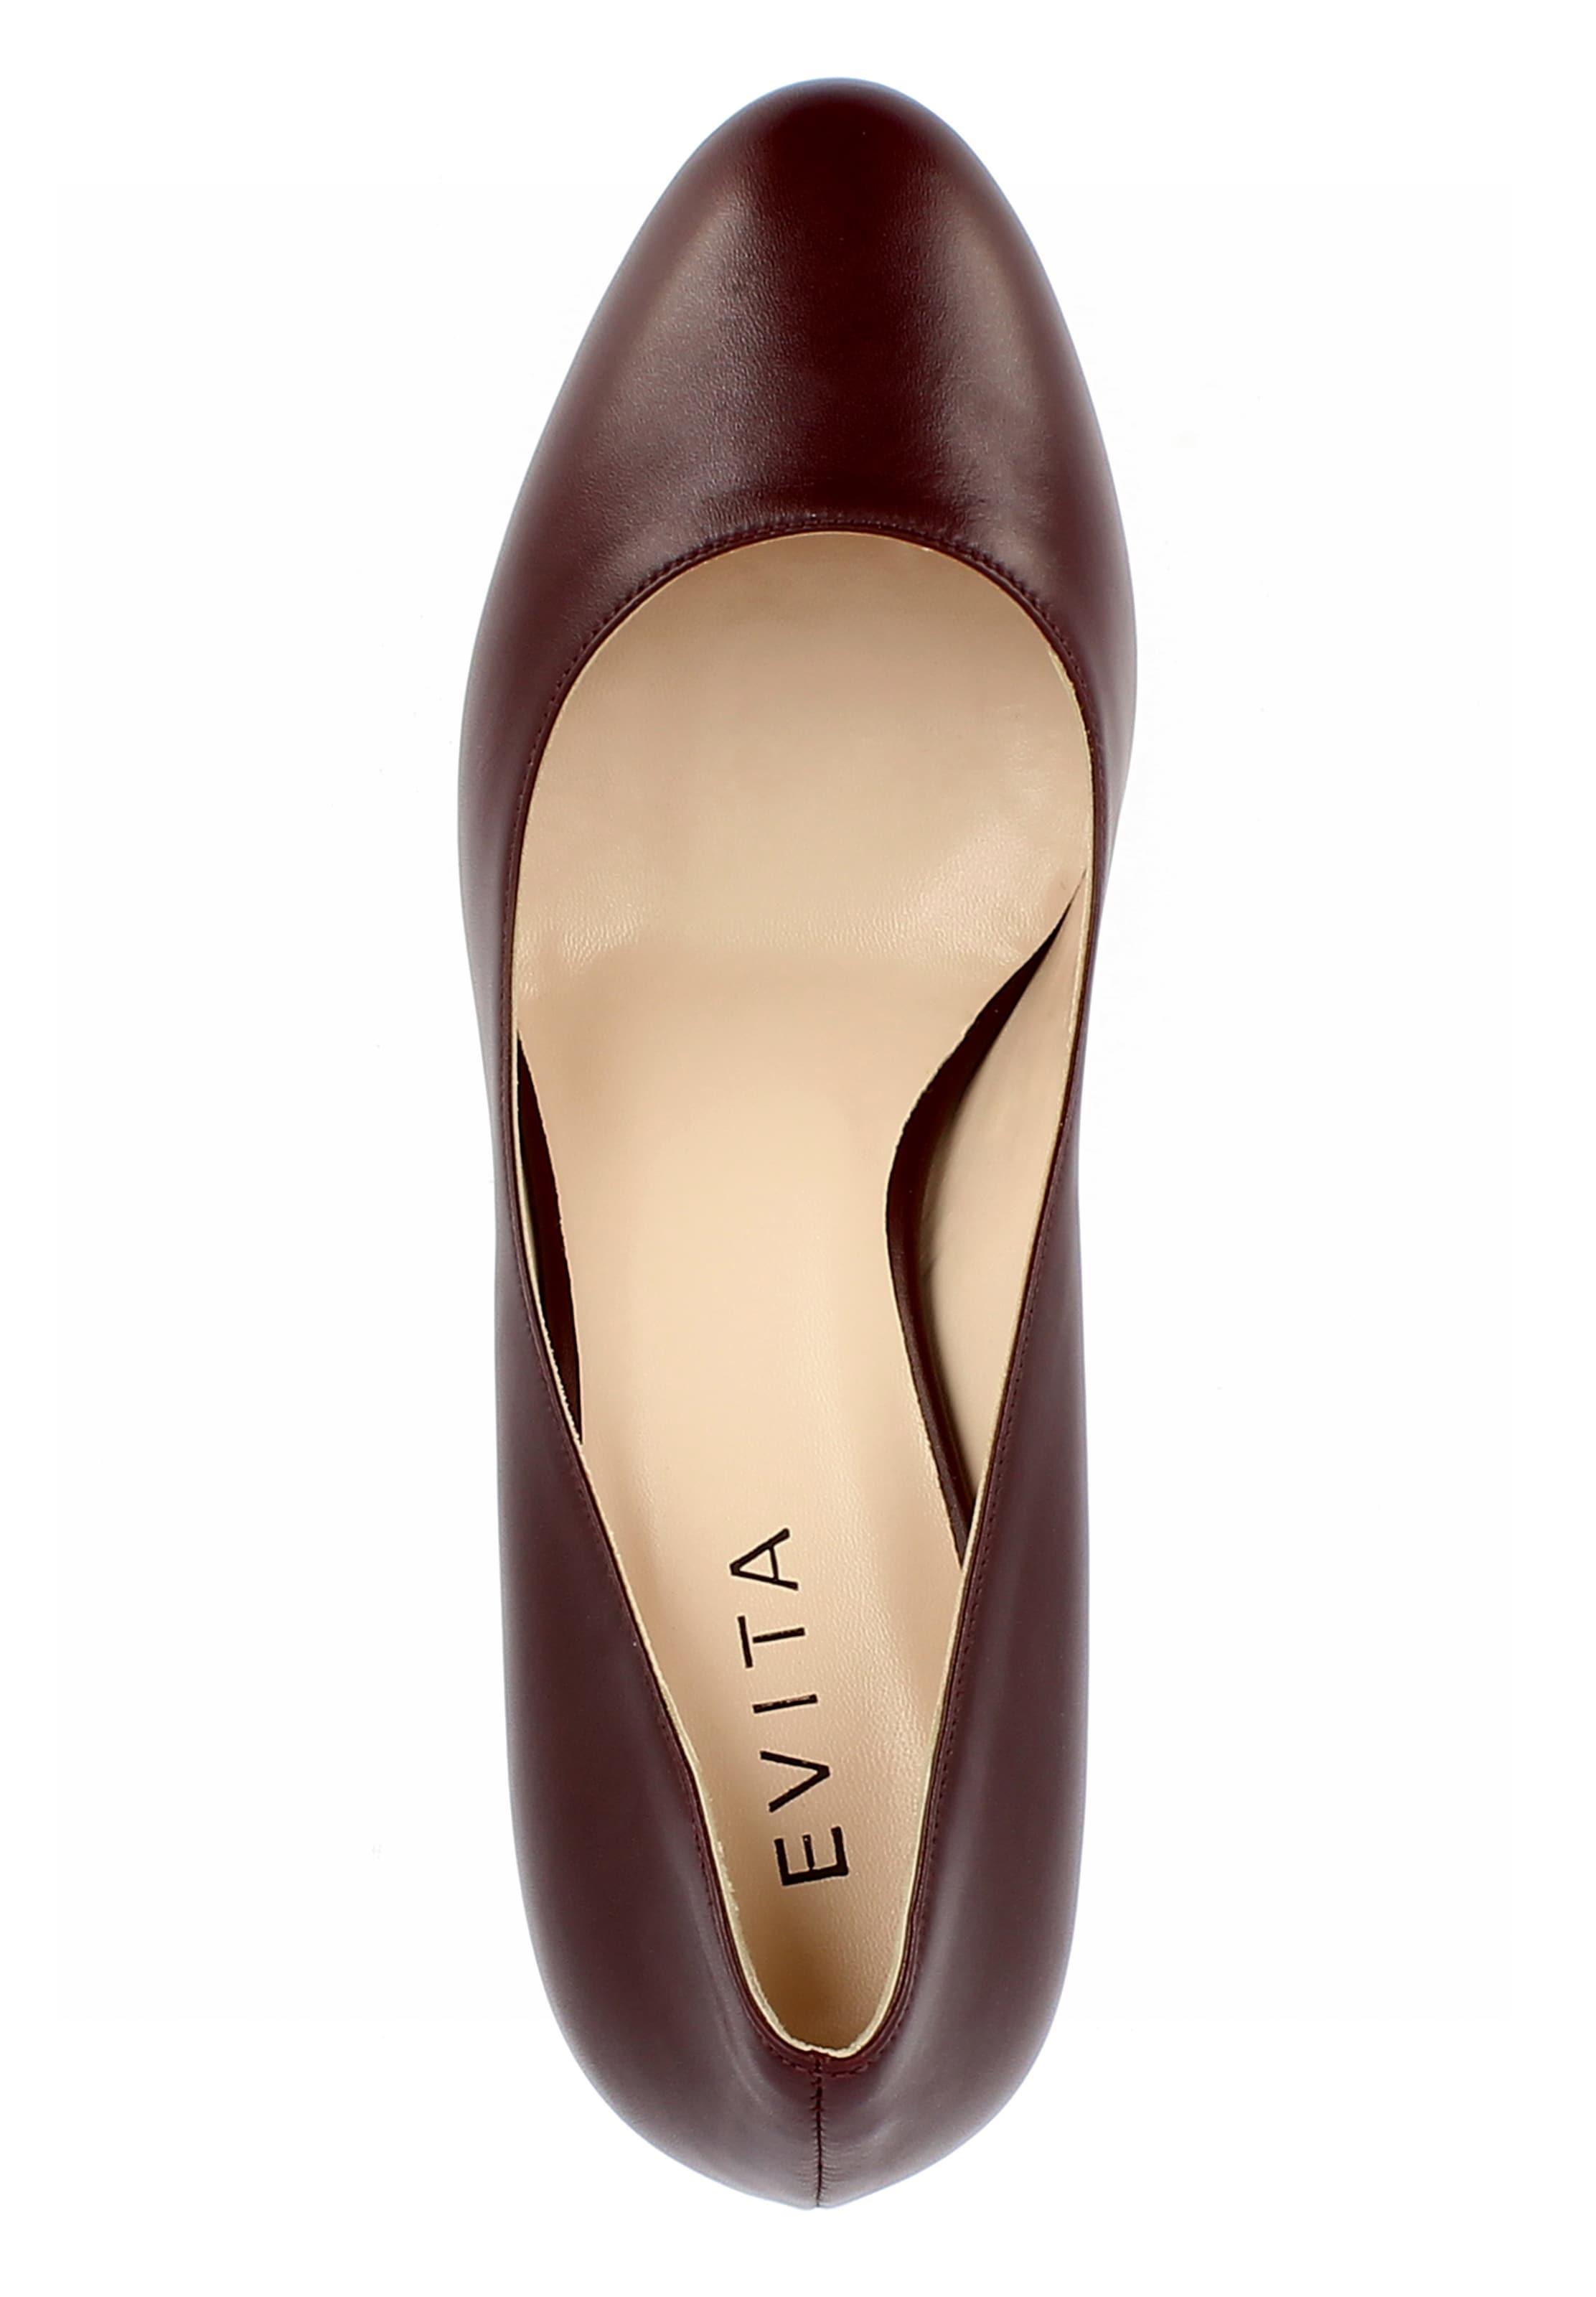 En Bordeaux Evita Evita 'bianca' Escarpins qVSzGUpLM